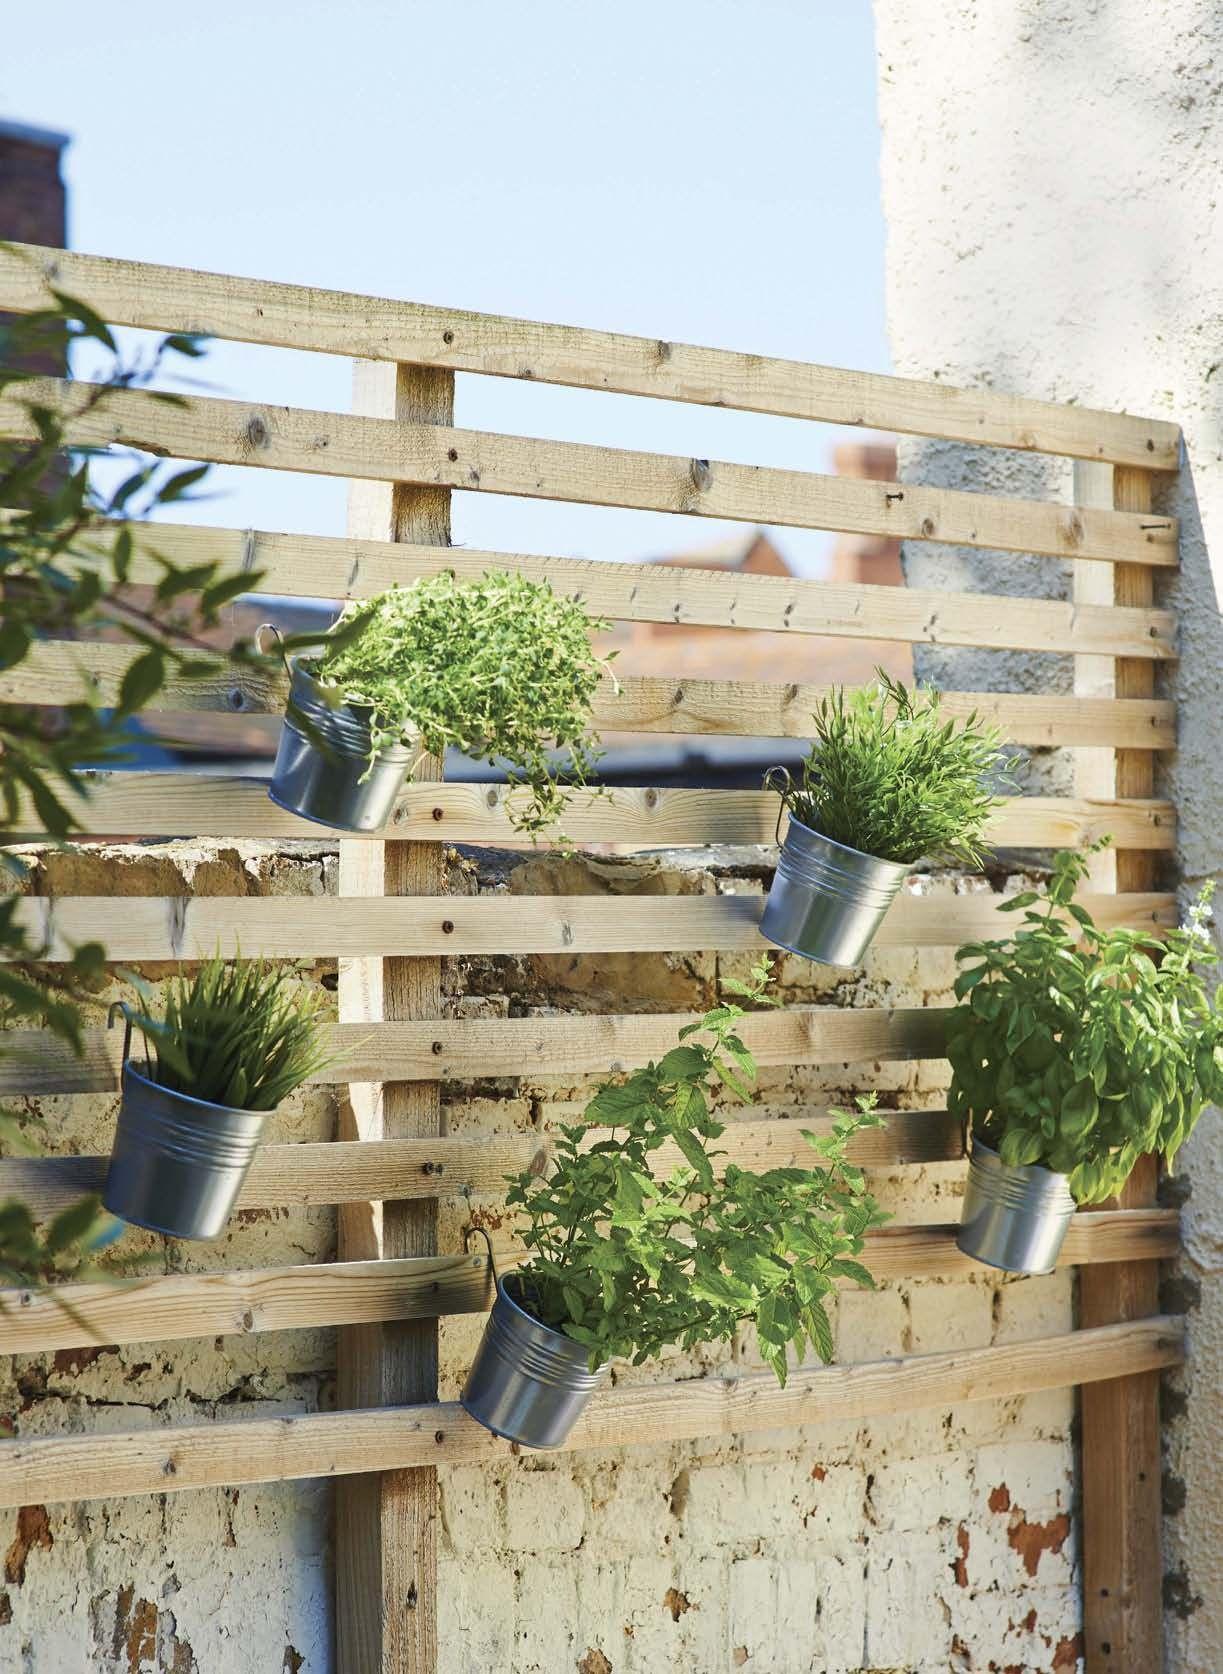 Cucina Pallet Fai Da Te diy garden fence | pocketmags